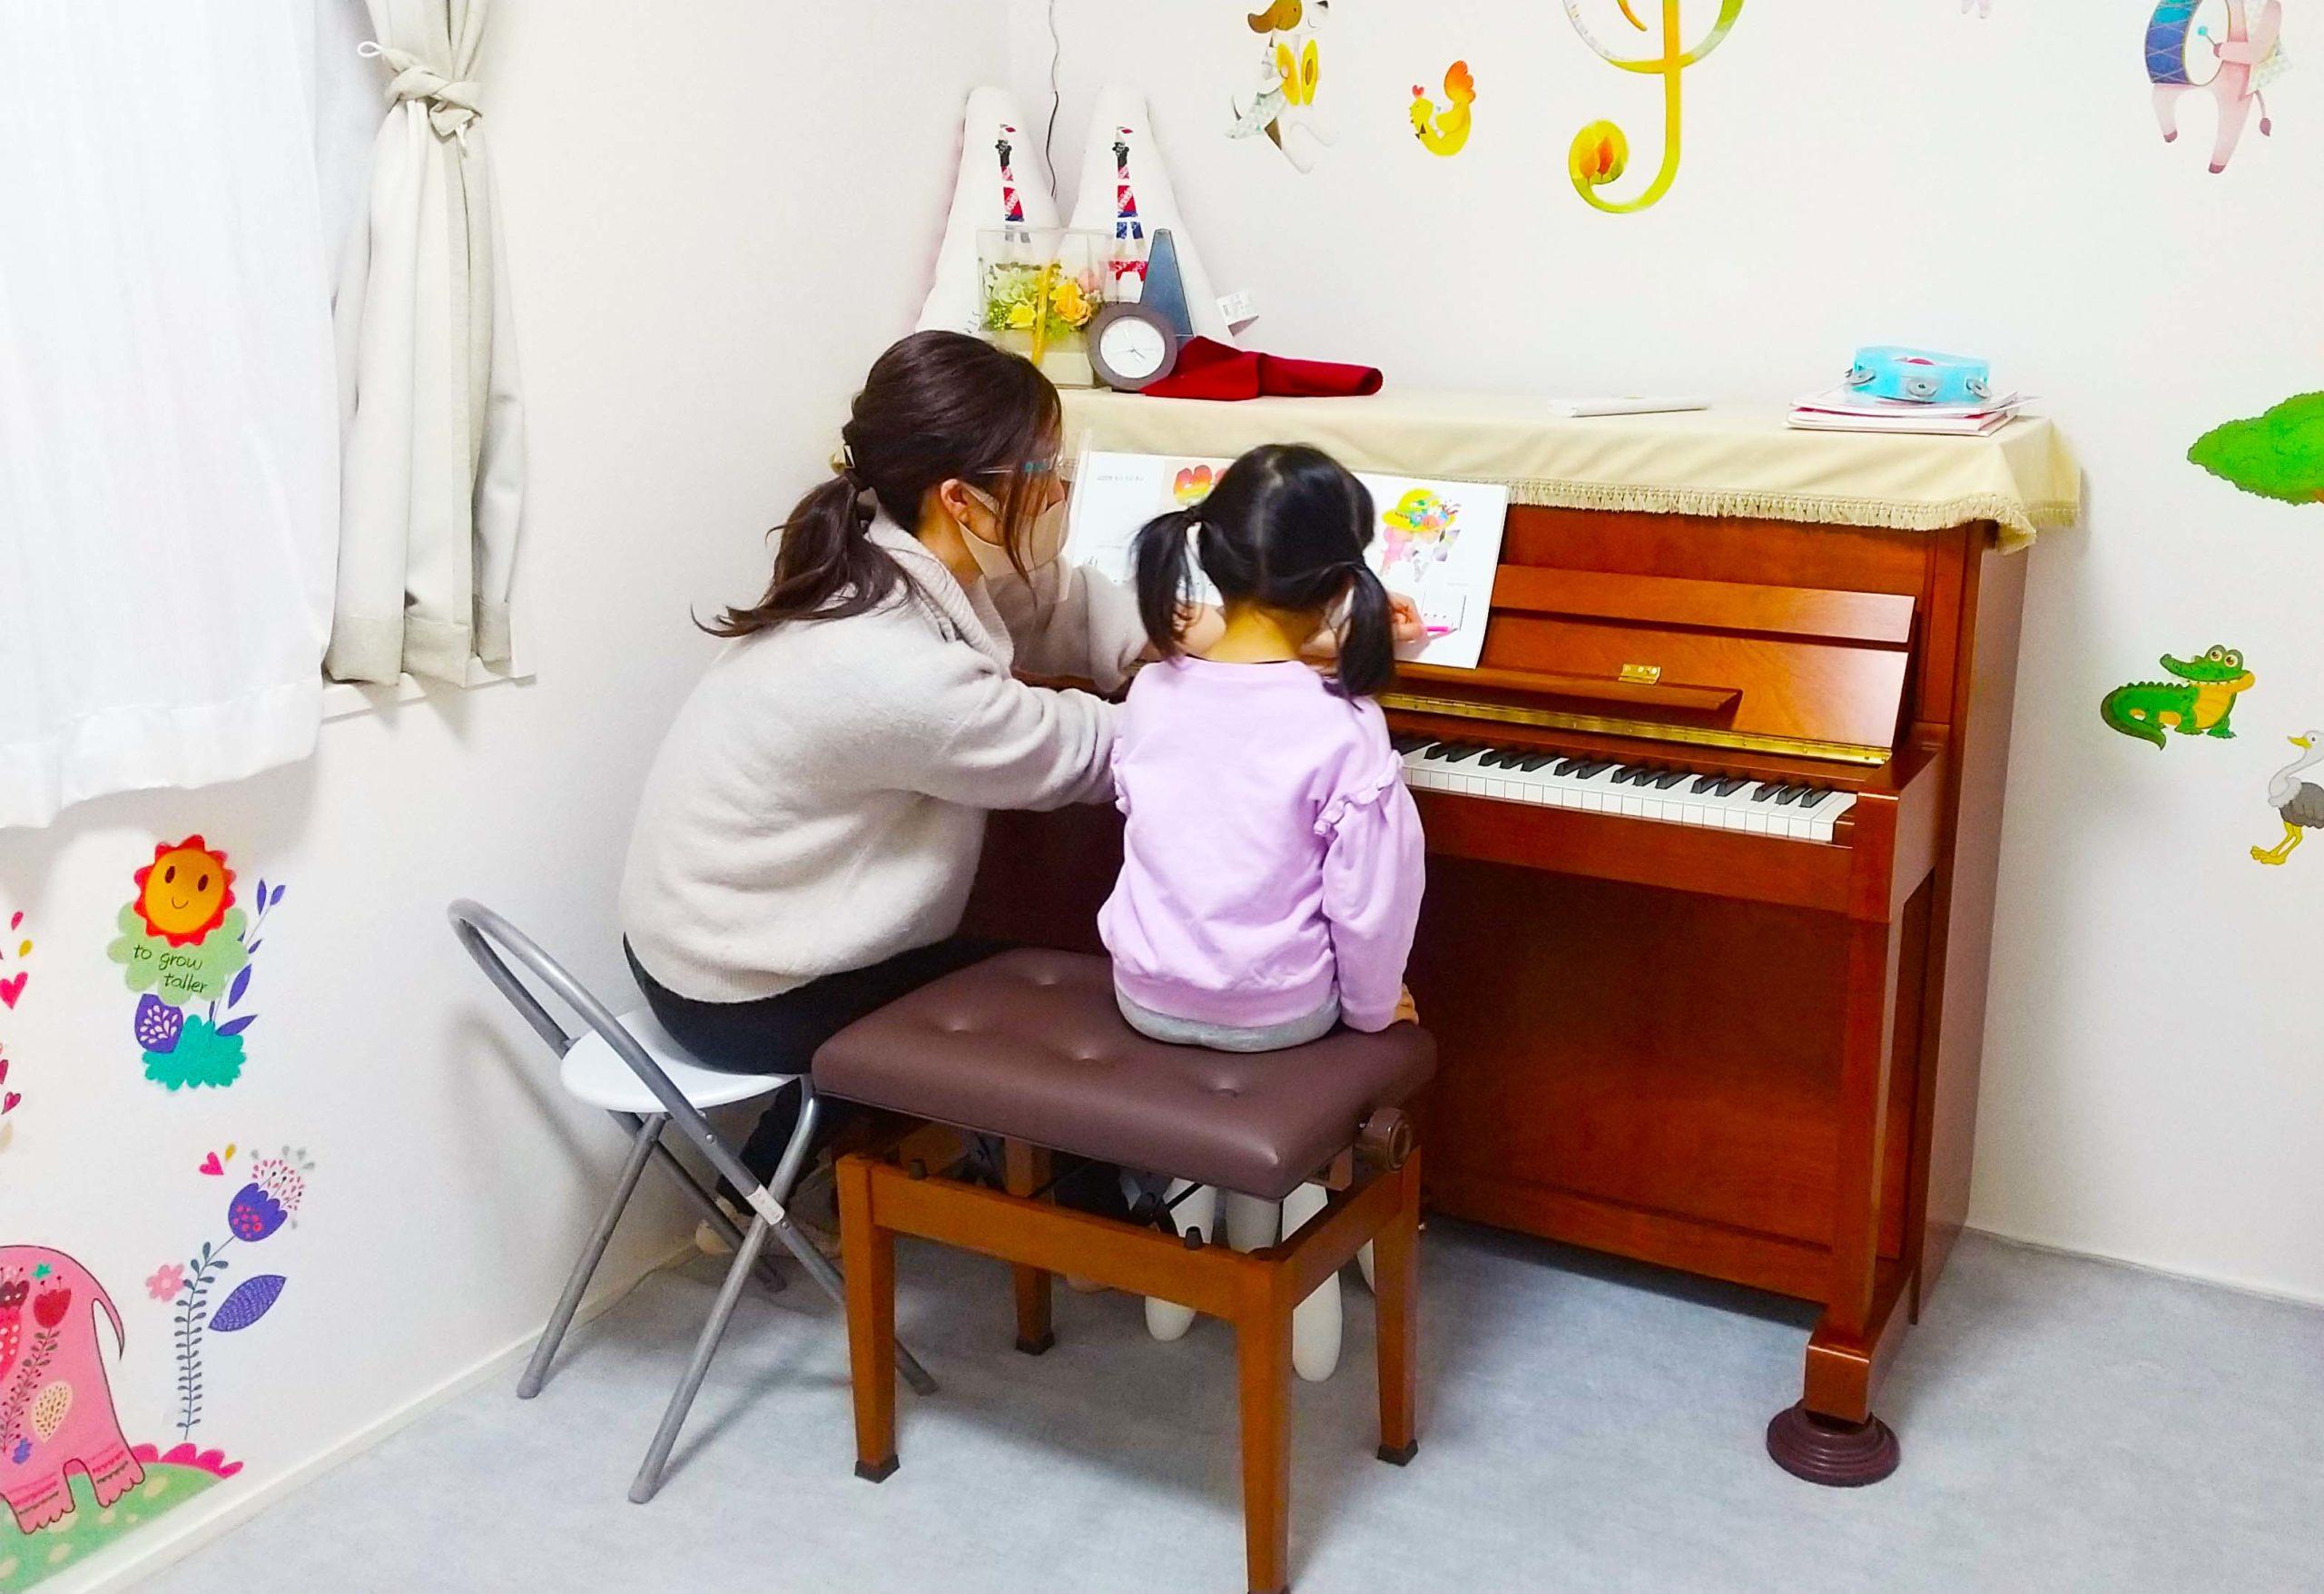 船橋市海神西船橋フォーキッズ海神ピアノ教室でオーダーメイド個人レッスン実施中。レッスンに夢中な4歳児